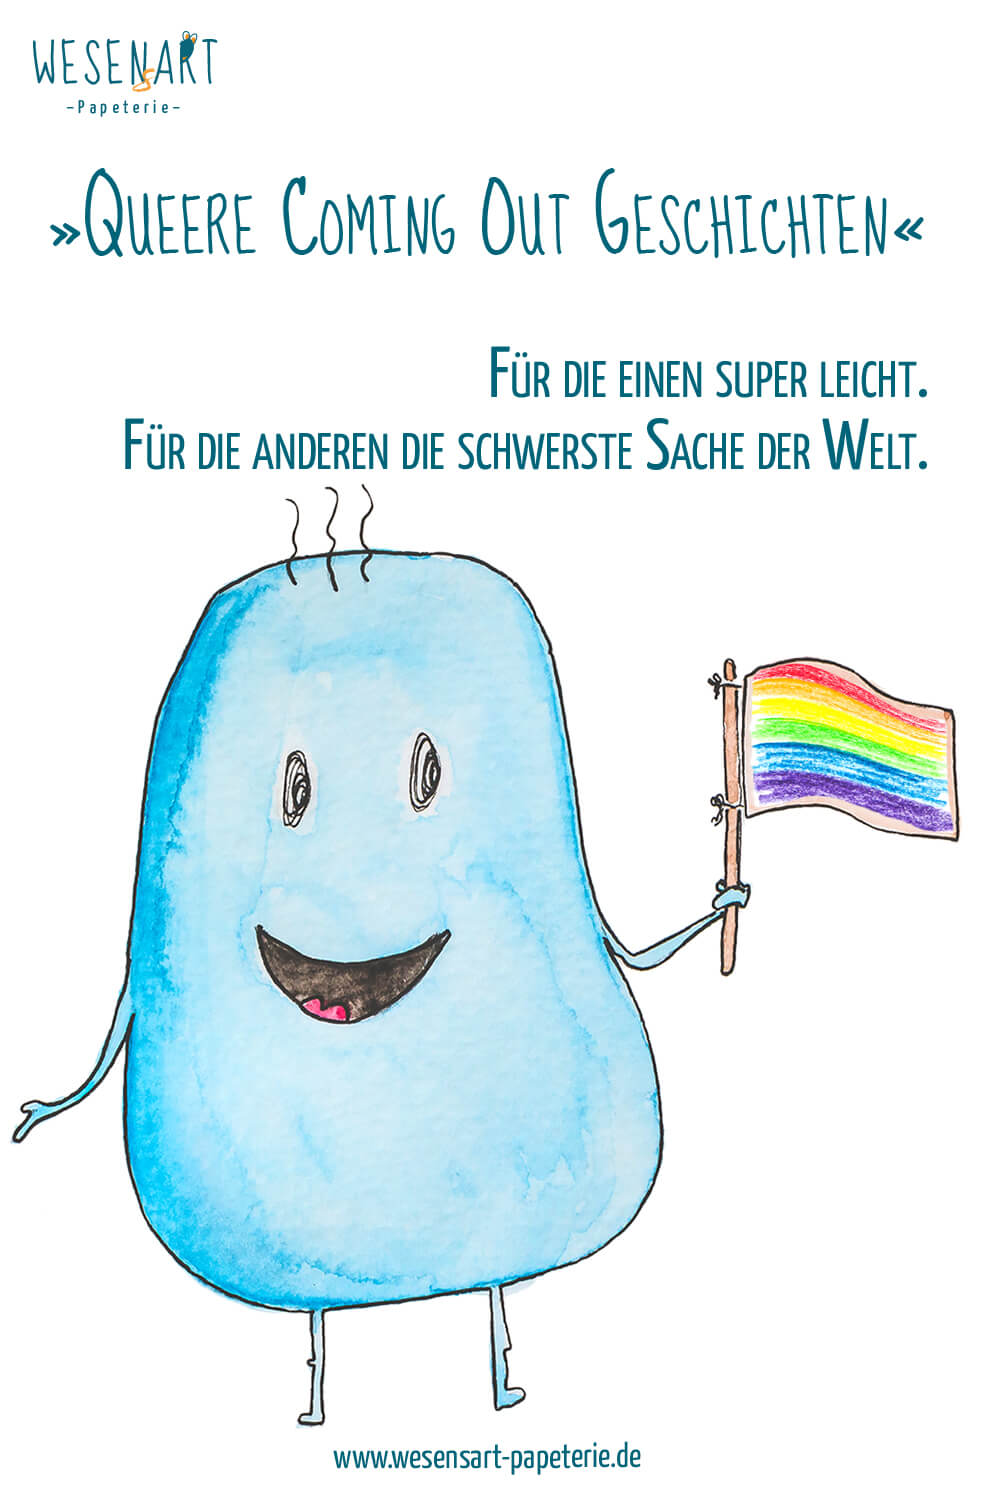 Loui hält ein Pride-Fähnchen in der Hand. Darüber der Text: »Queere Coming Out Geschichten.« Für die einen super leicht. Für die anderen die schwerste Sache der Welt.